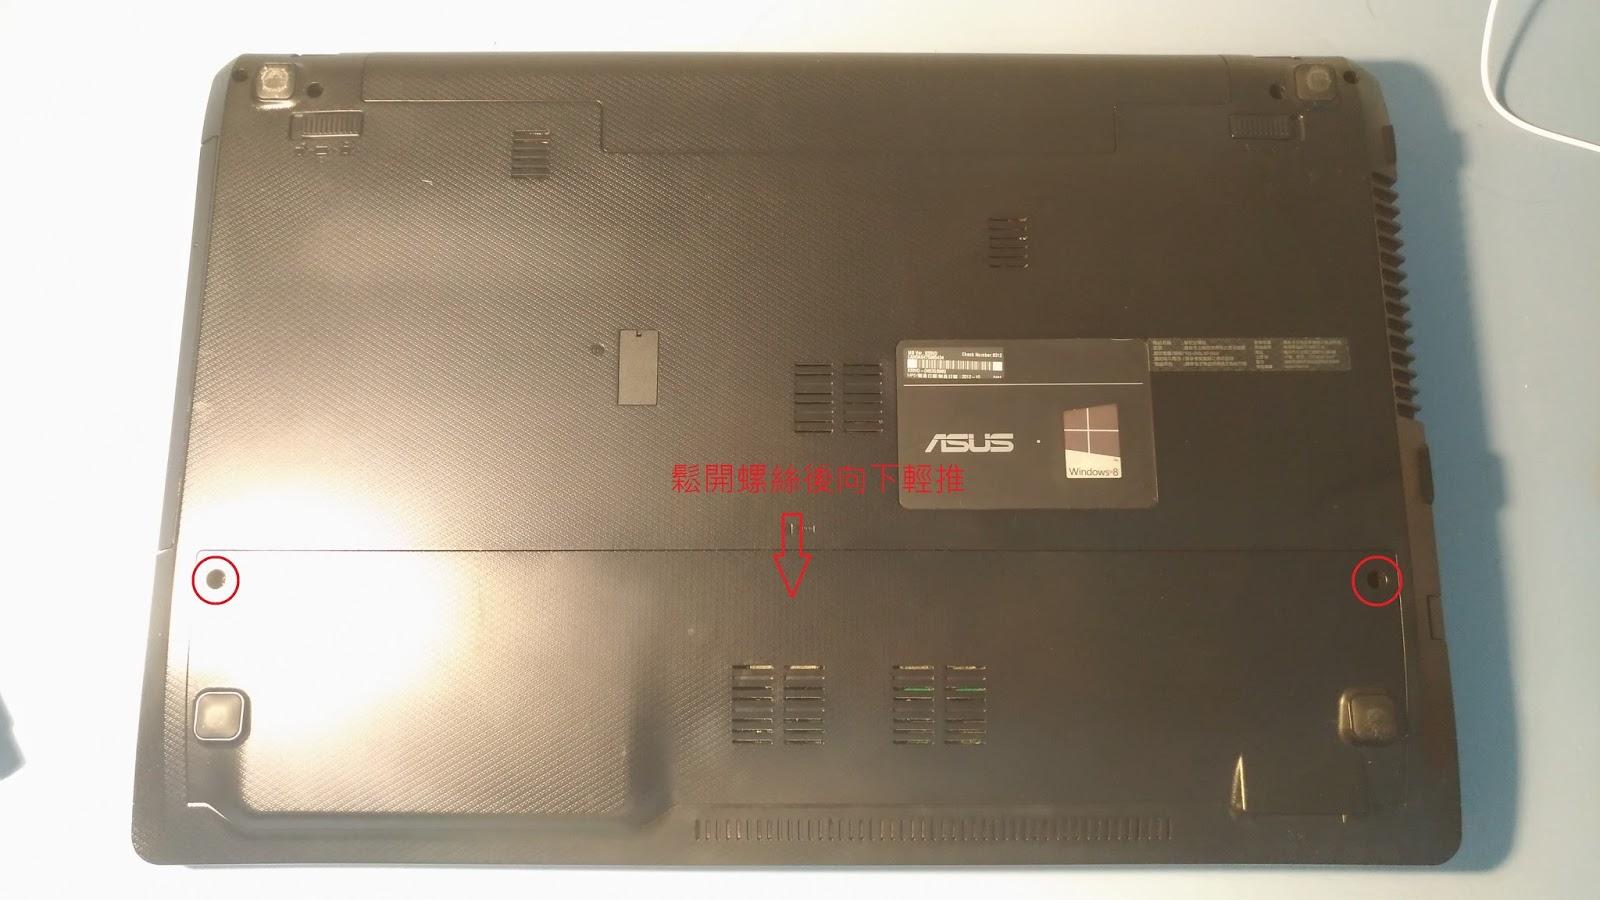 P 20170322 192705 vHDR On1 - Plextor M6V 256G SSD 開箱評測 & Asus K55VD 拆機升級雙硬碟教學